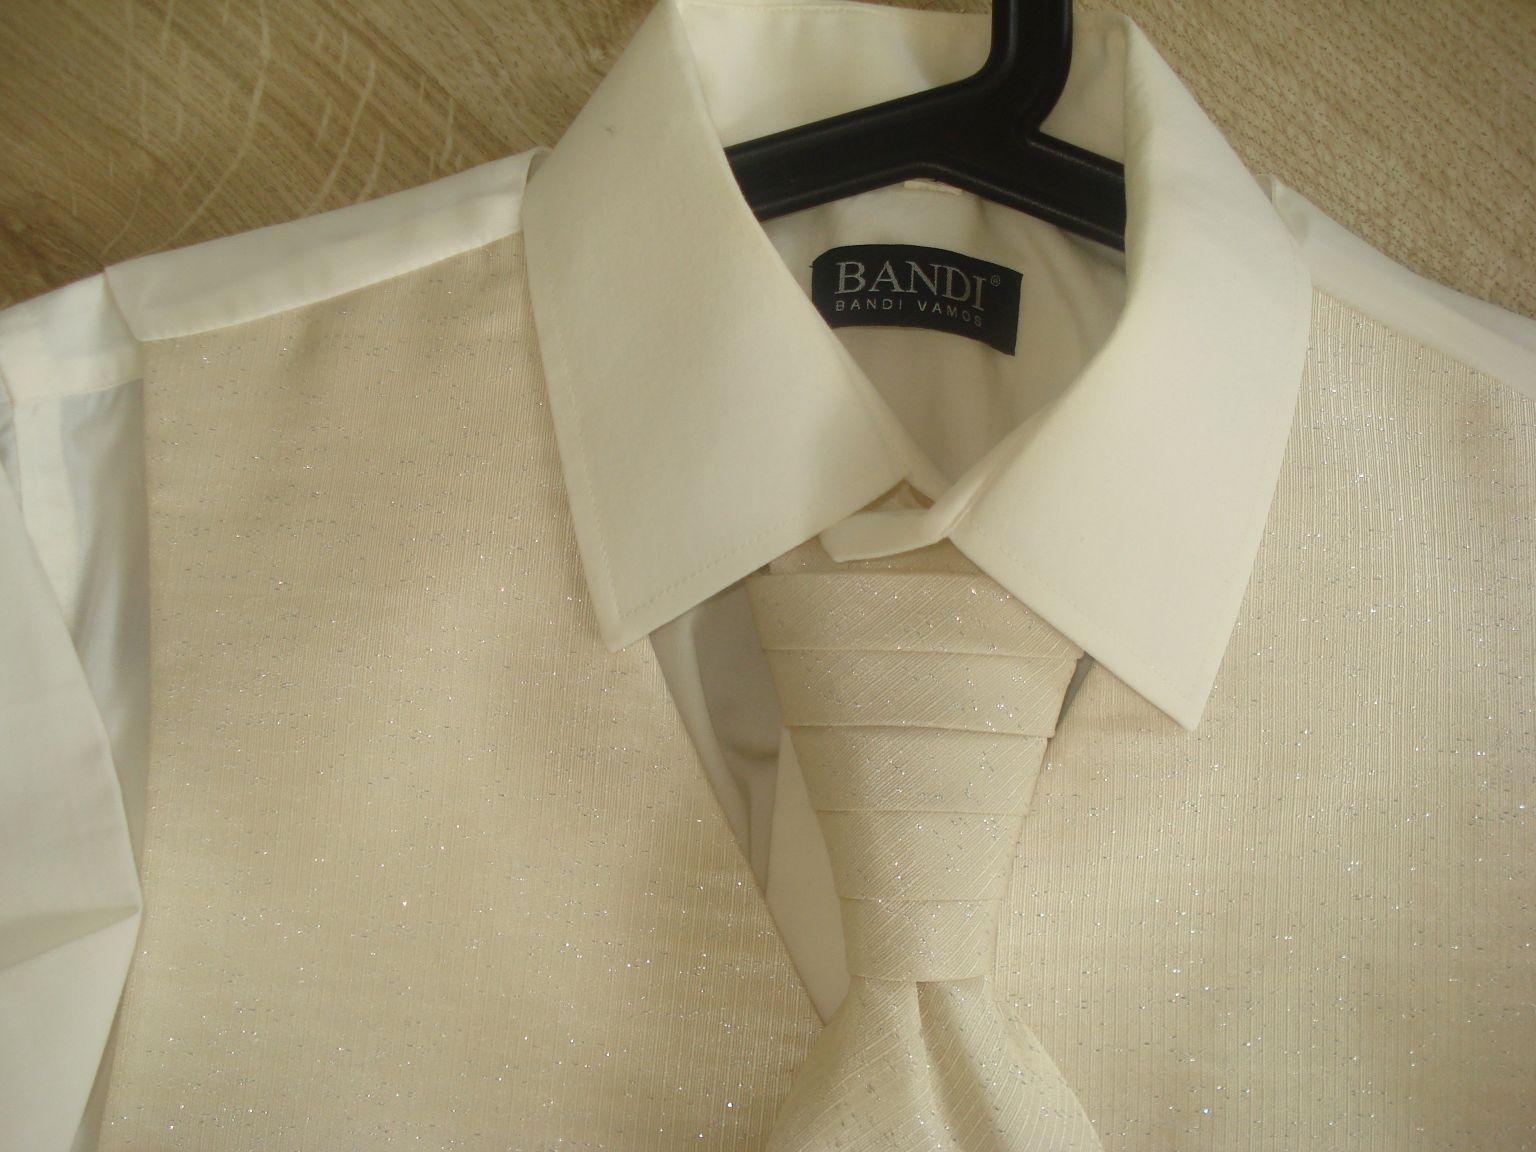 Svatební komplet 54 + košile 40 - vše bandi vamos ba5fe0a696